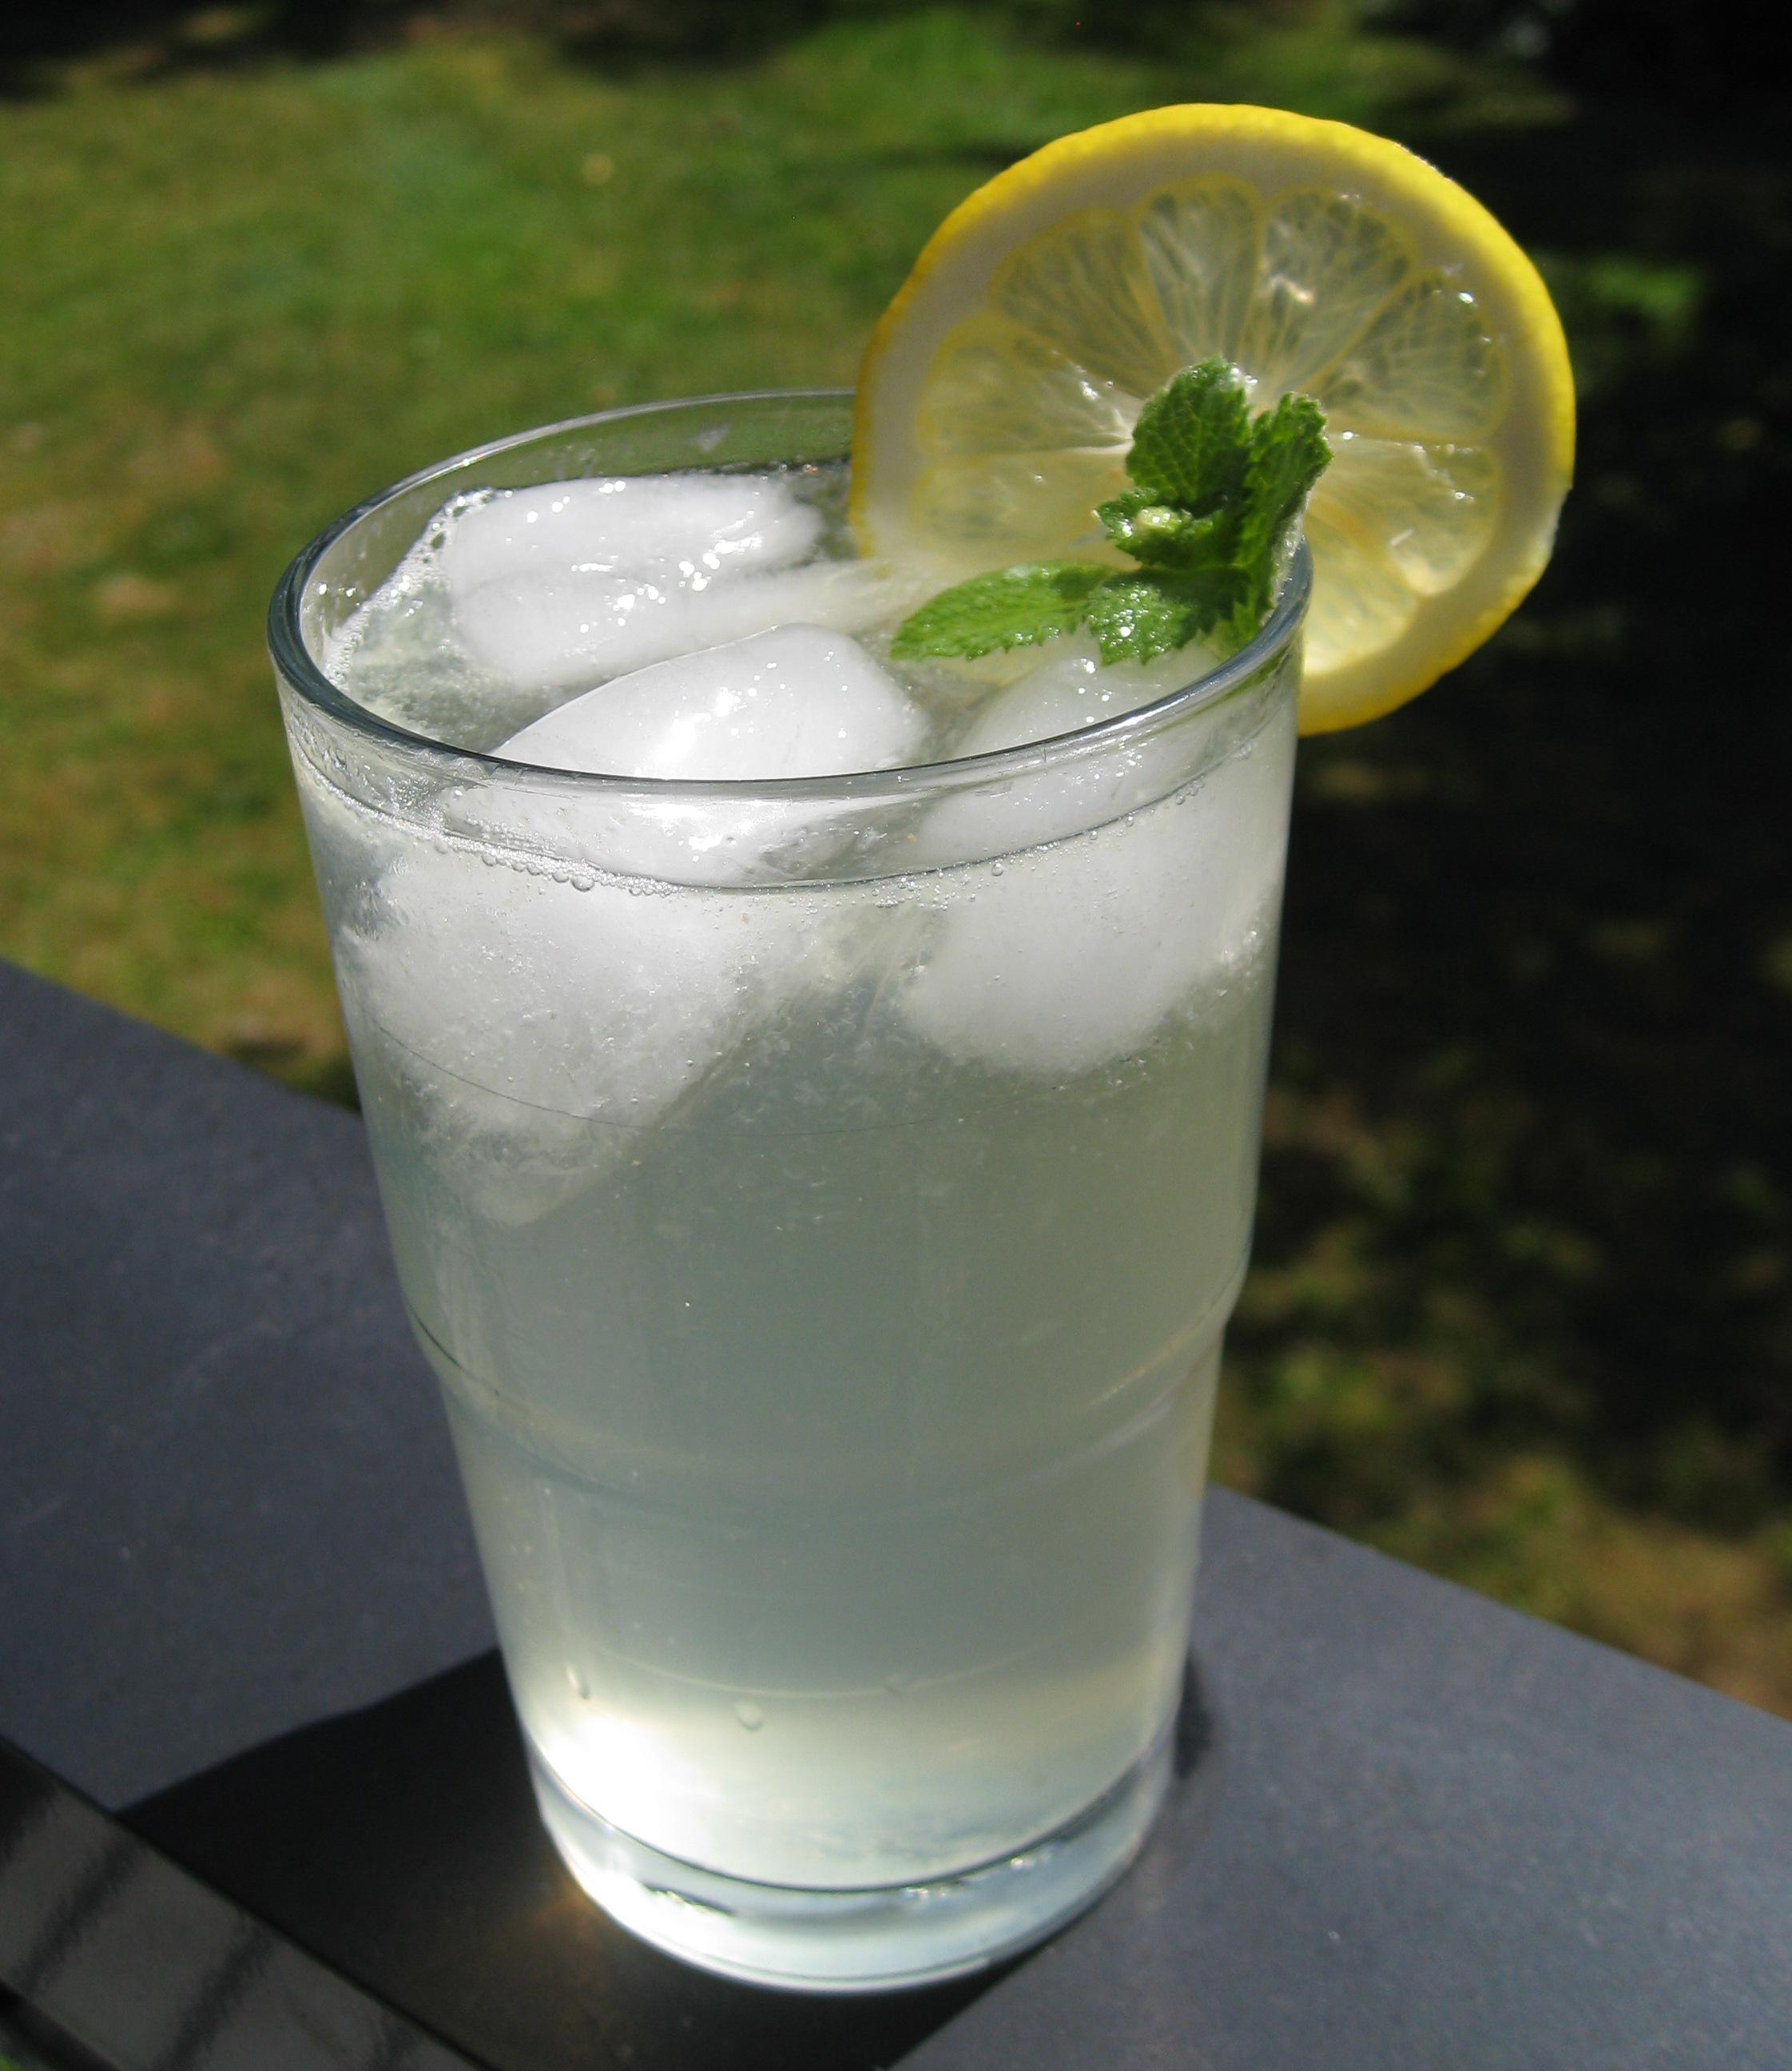 Picture of Grandma's Lemonade